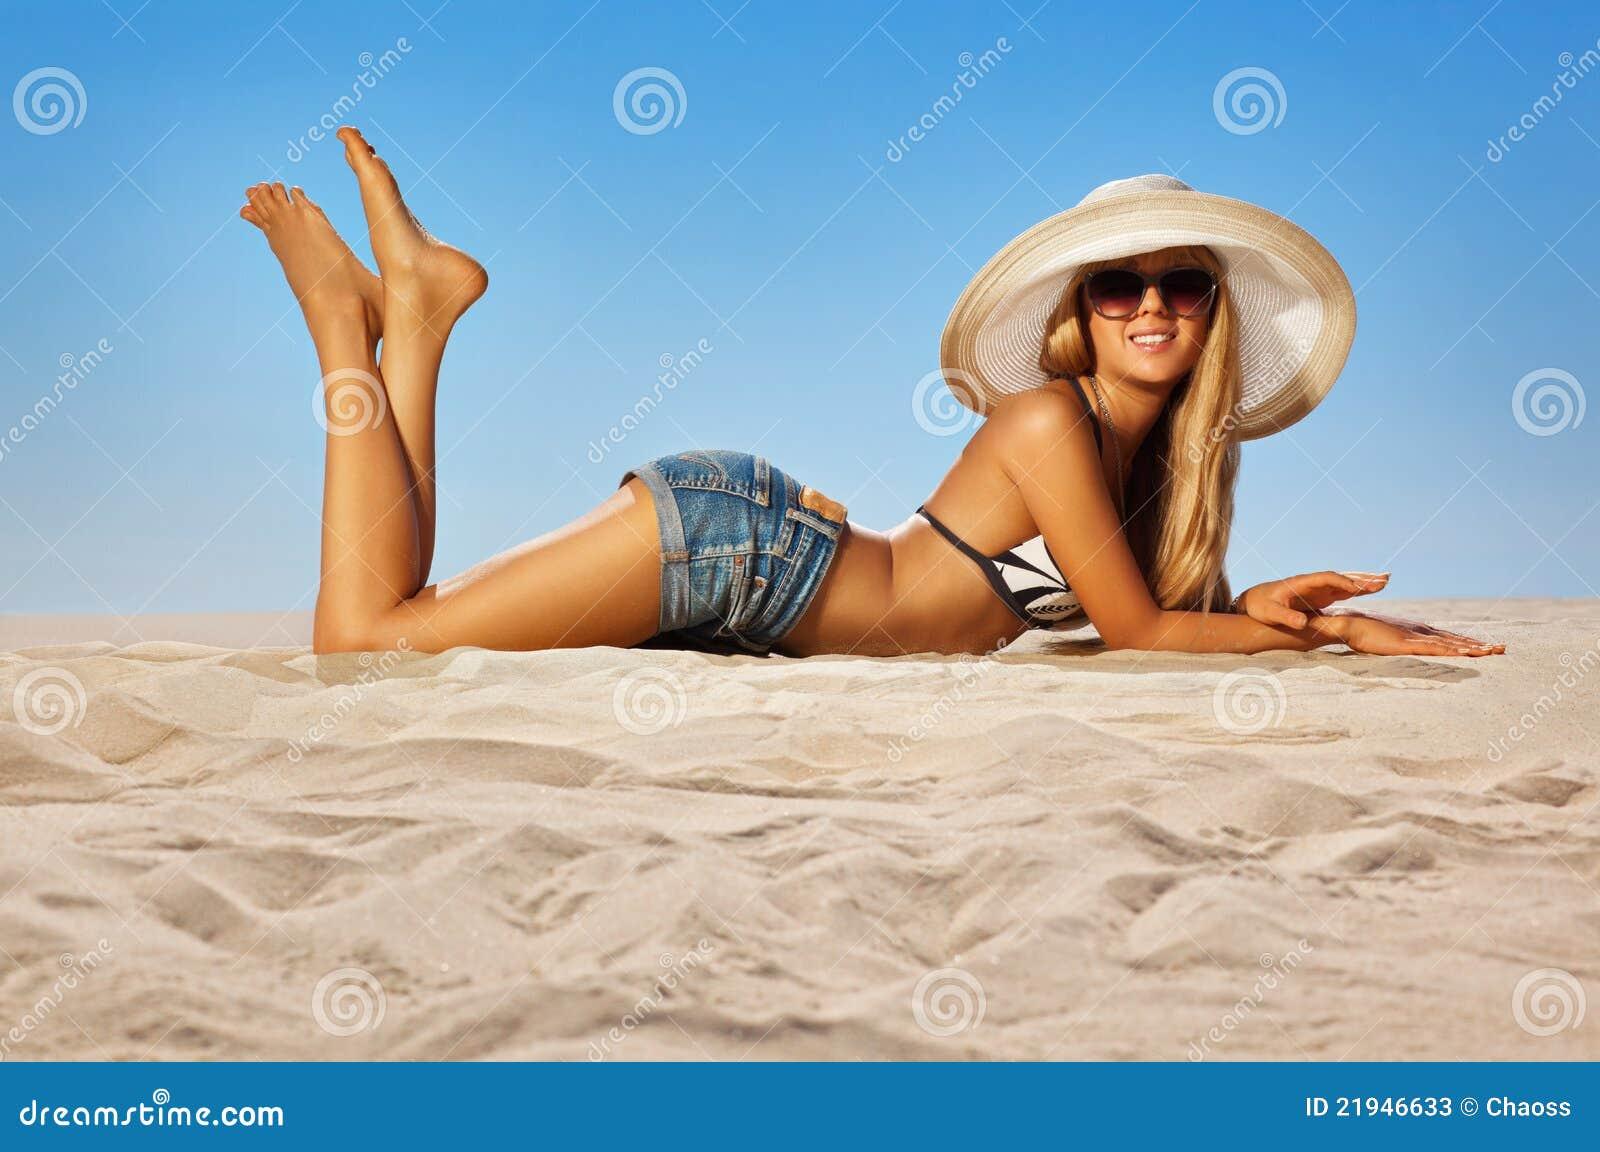 Фото девушек на пляже в очках 21 фотография